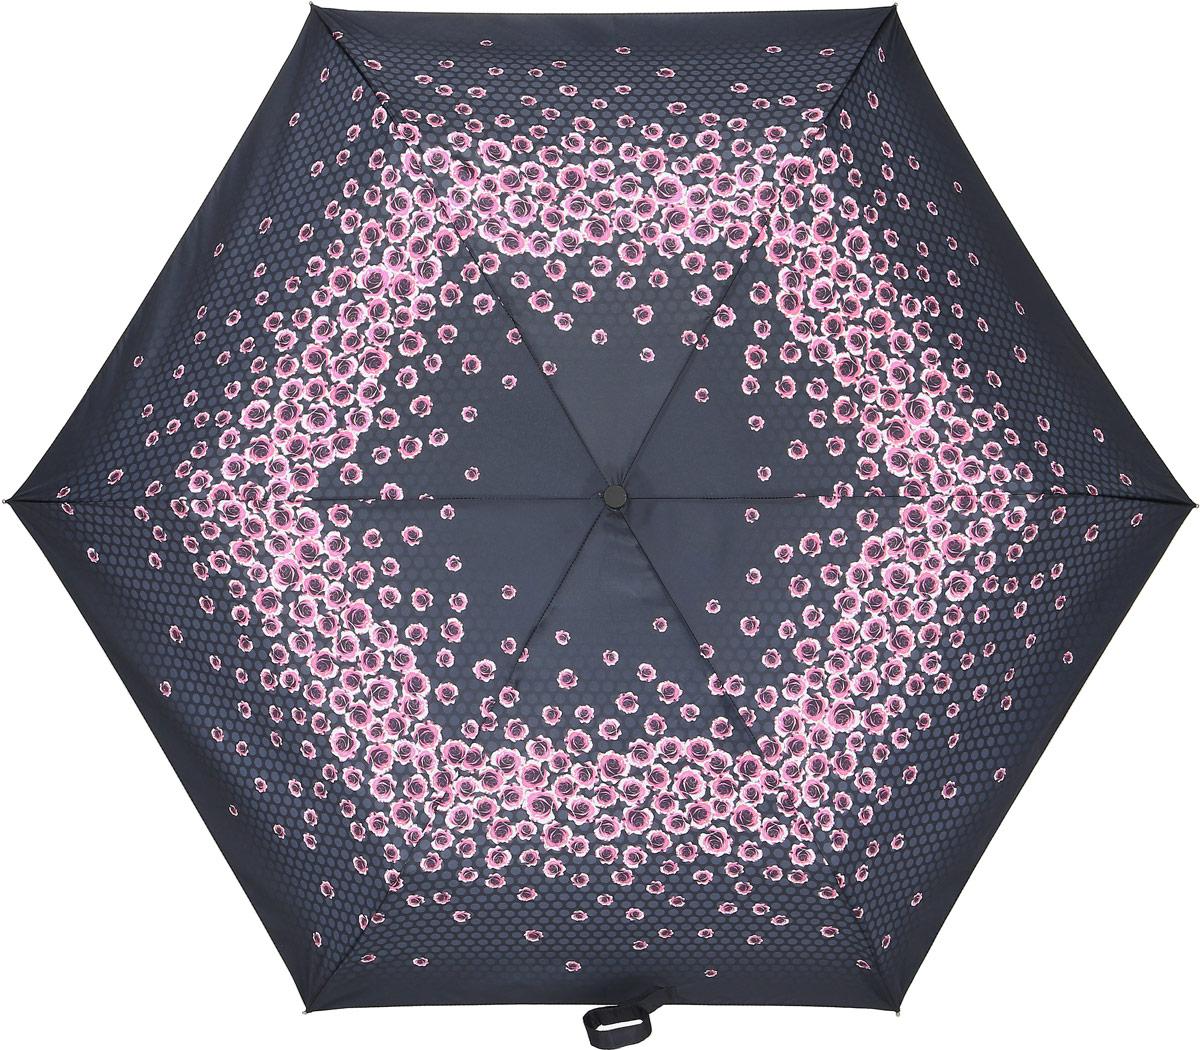 Зонт женский Fulton, механический, 3 сложения, цвет: черный, розовый. L553-328745102176/33205/7900XСтильный механический зонт Fulton имеет 3 сложения, даже в ненастную погоду позволит вам оставаться стильной. Легкий, но в тоже время прочный алюминиевый каркас состоит из шести спиц с элементами из фибергласса. Купол зонта выполнен из прочного полиэстера с водоотталкивающей пропиткой. Рукоятка закругленной формы, разработанная с учетом требований эргономики, выполнена из каучука. Зонт имеет механический способ сложения: и купол, и стержень открываются и закрываются вручную до характерного щелчка.